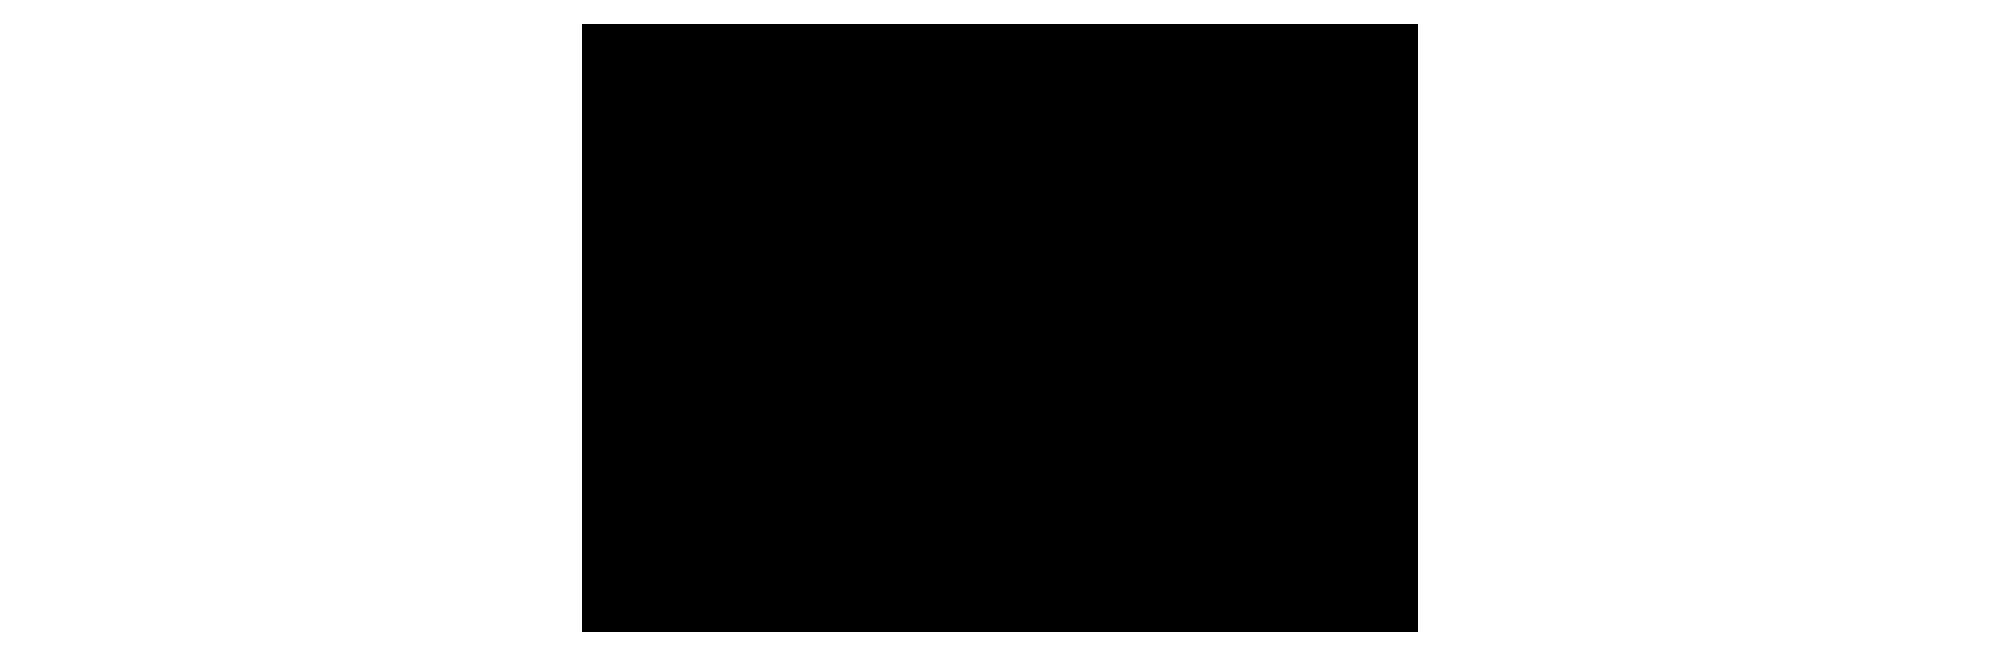 patrocinadores06